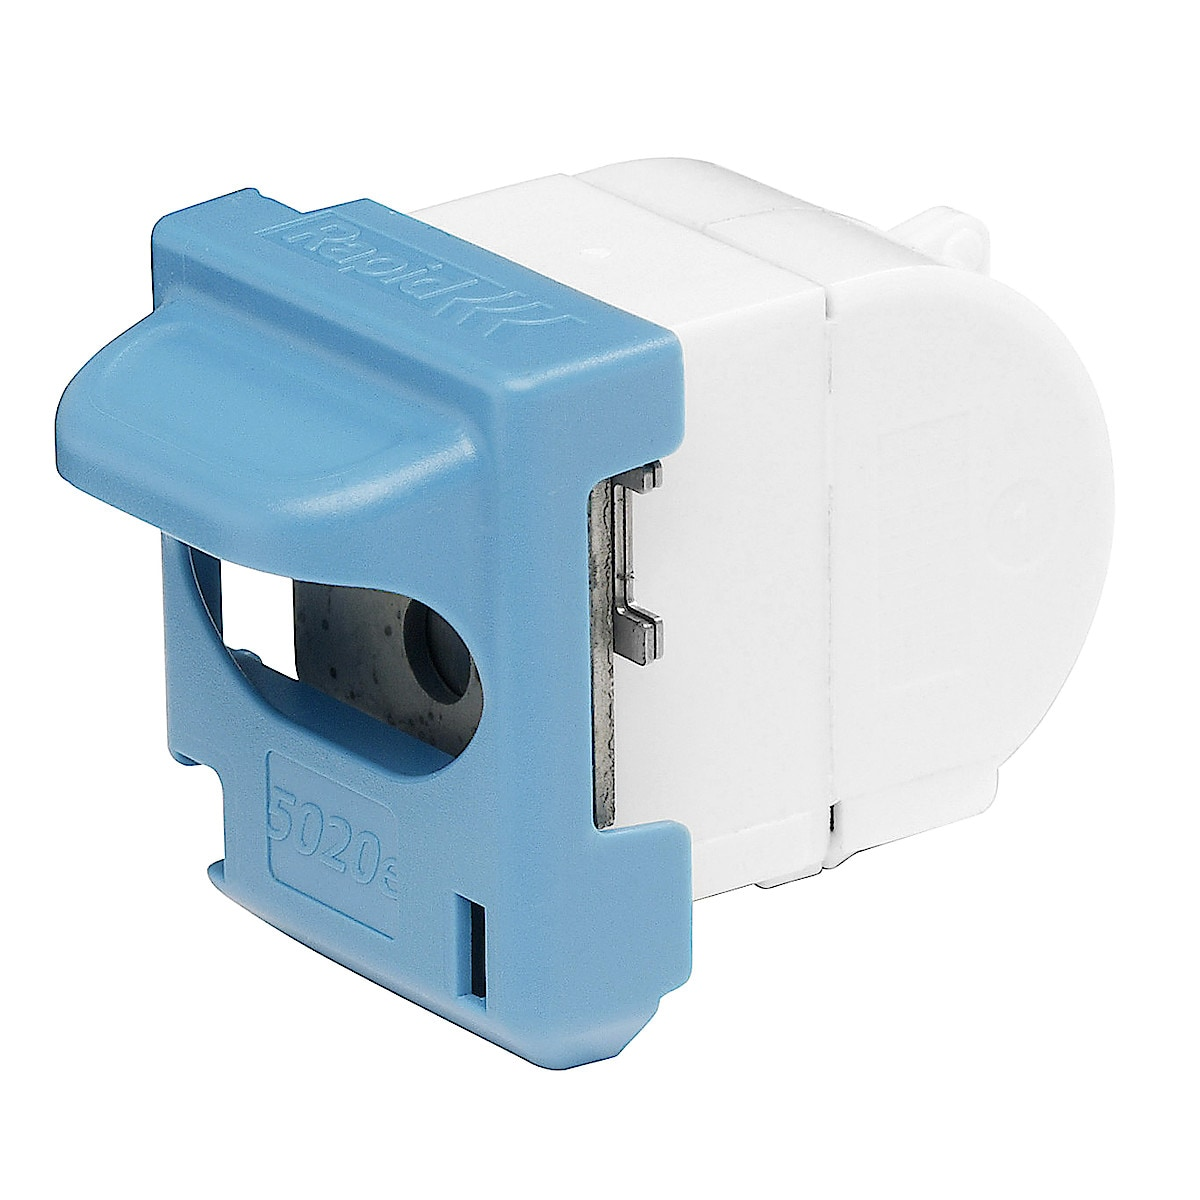 Häftklammerkassett Rapid 5020e/5025e